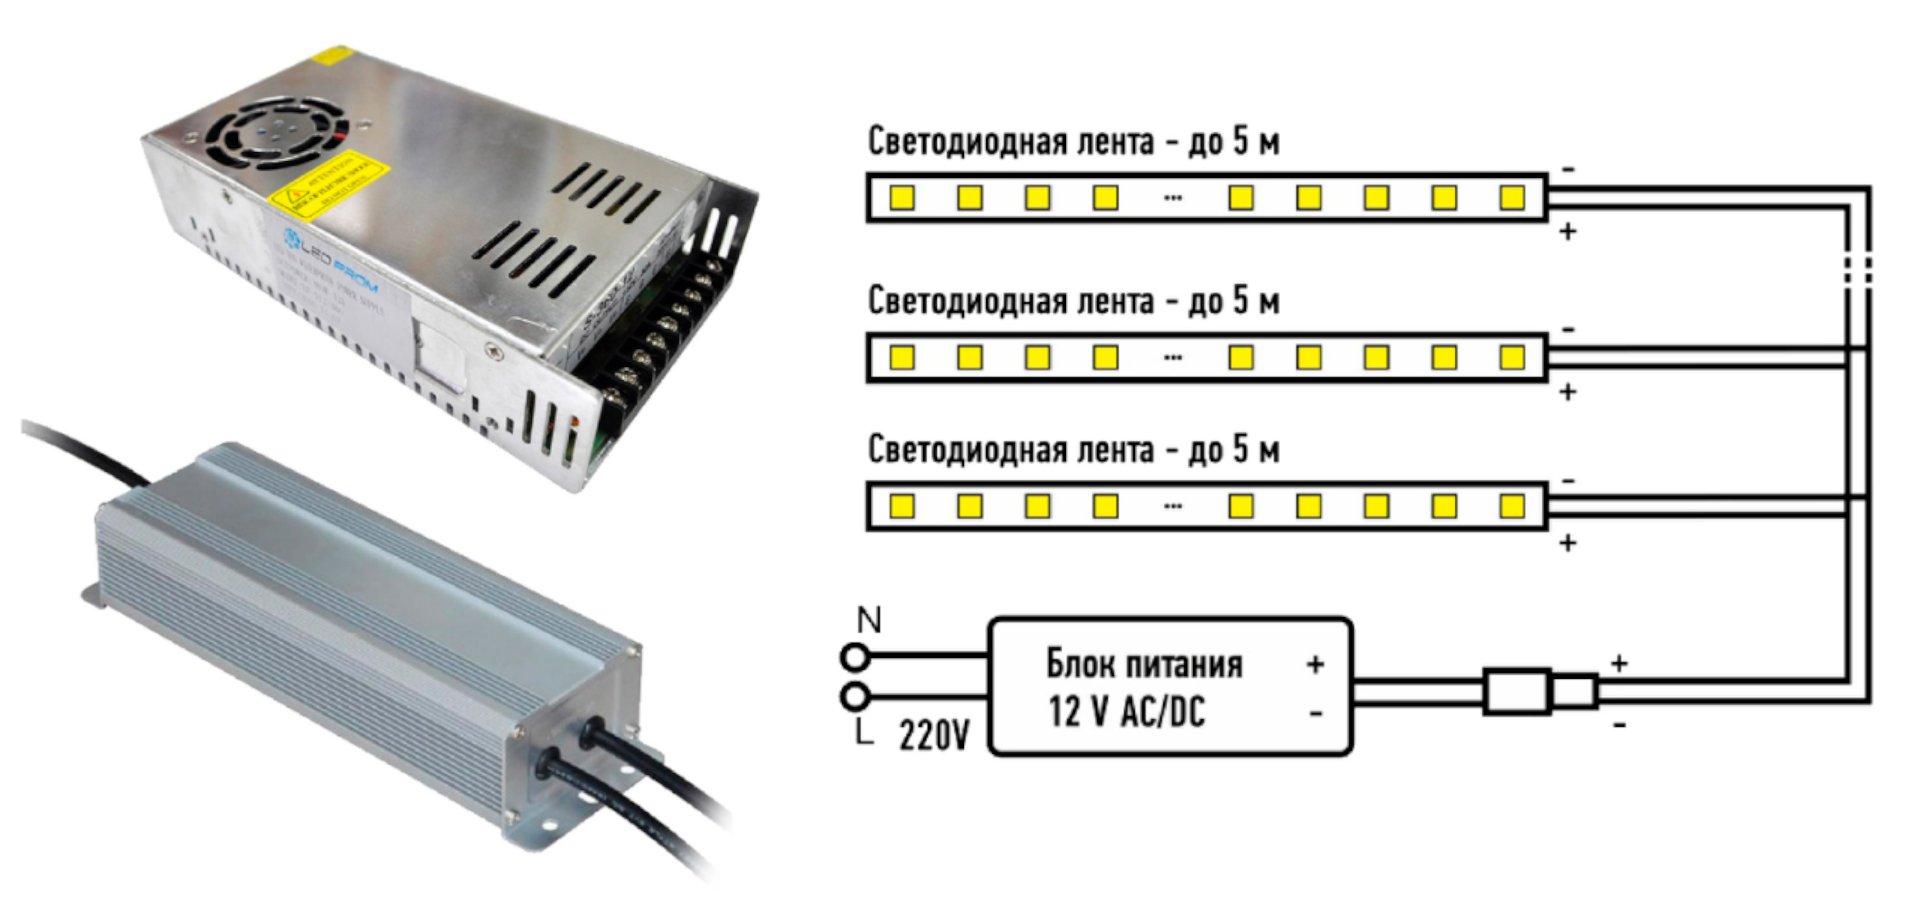 Схема дистанционного управления насоса с пульта